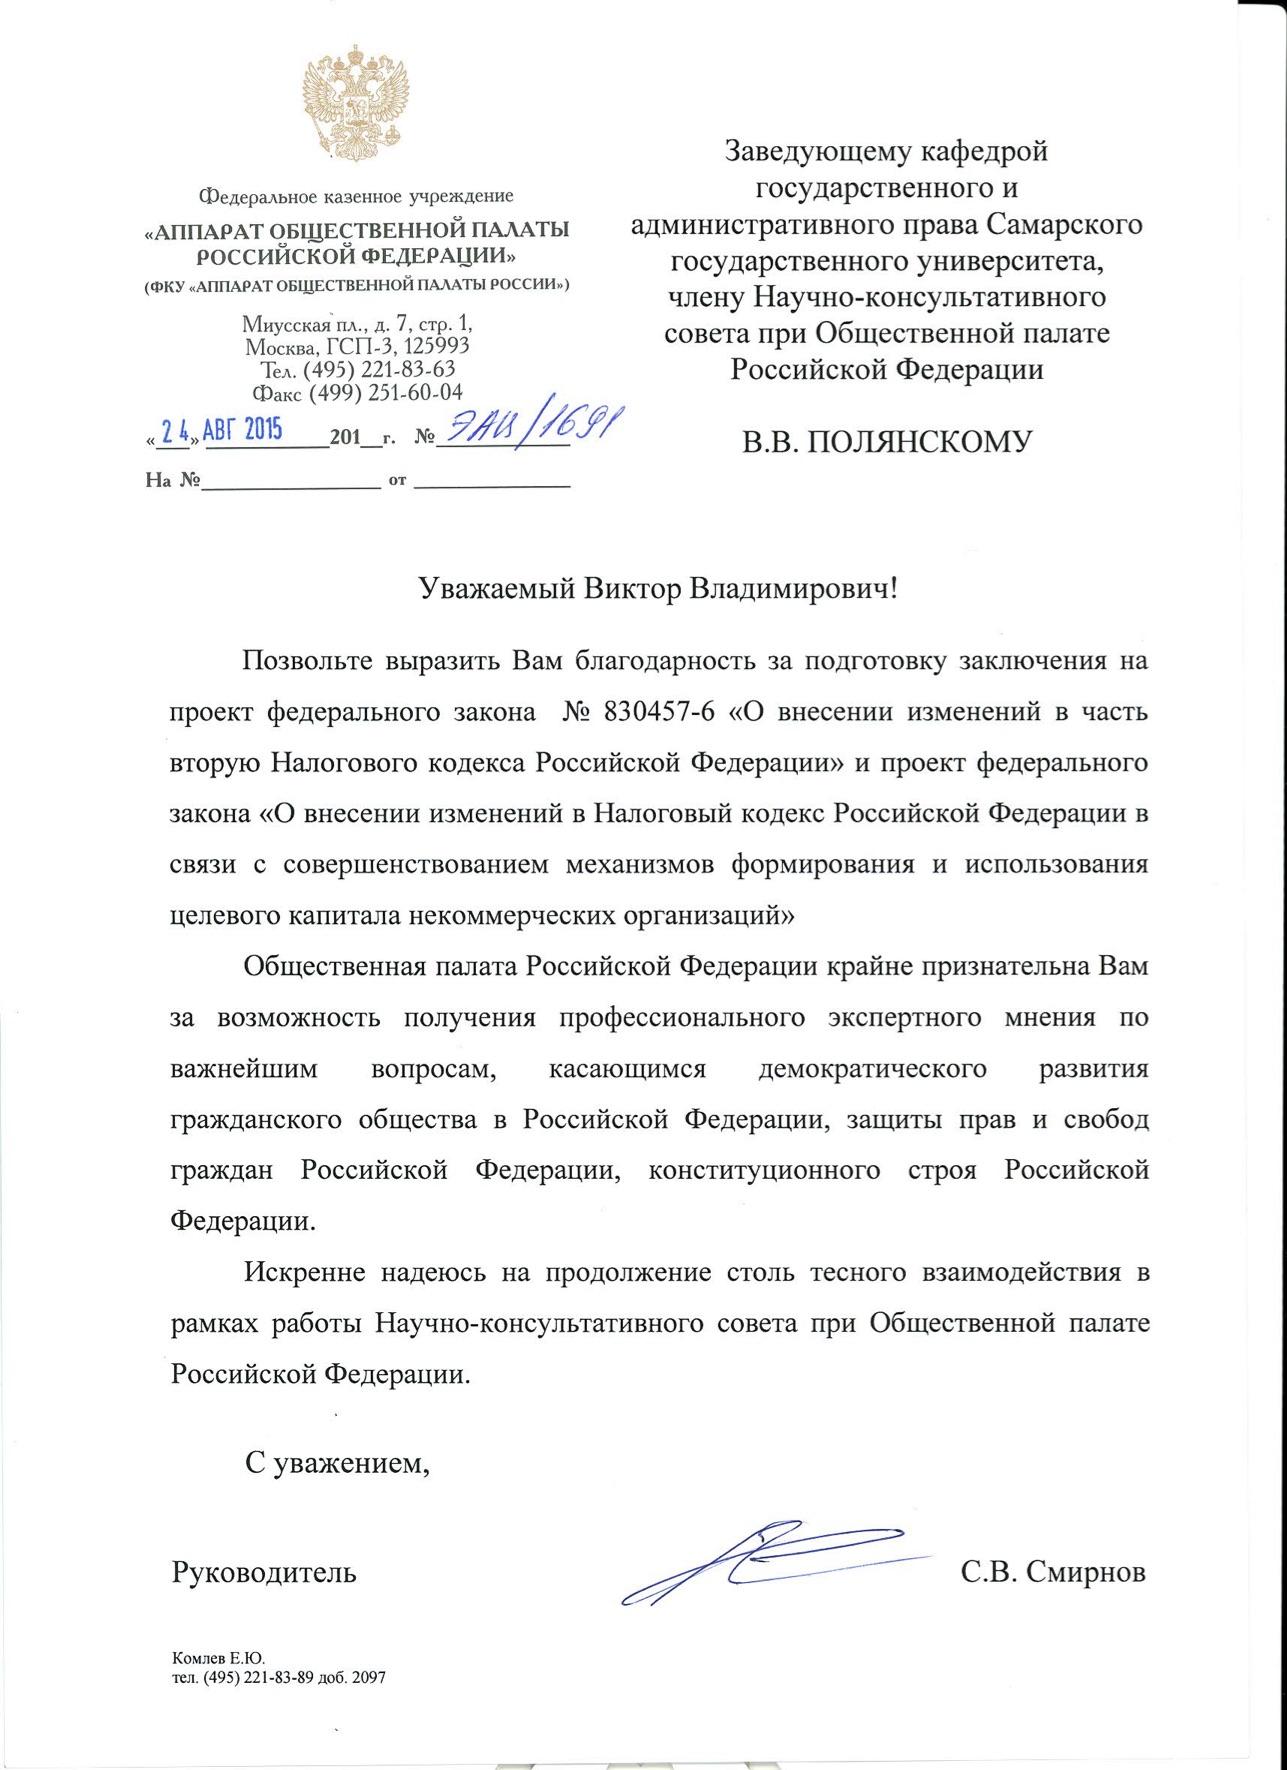 polansky_award